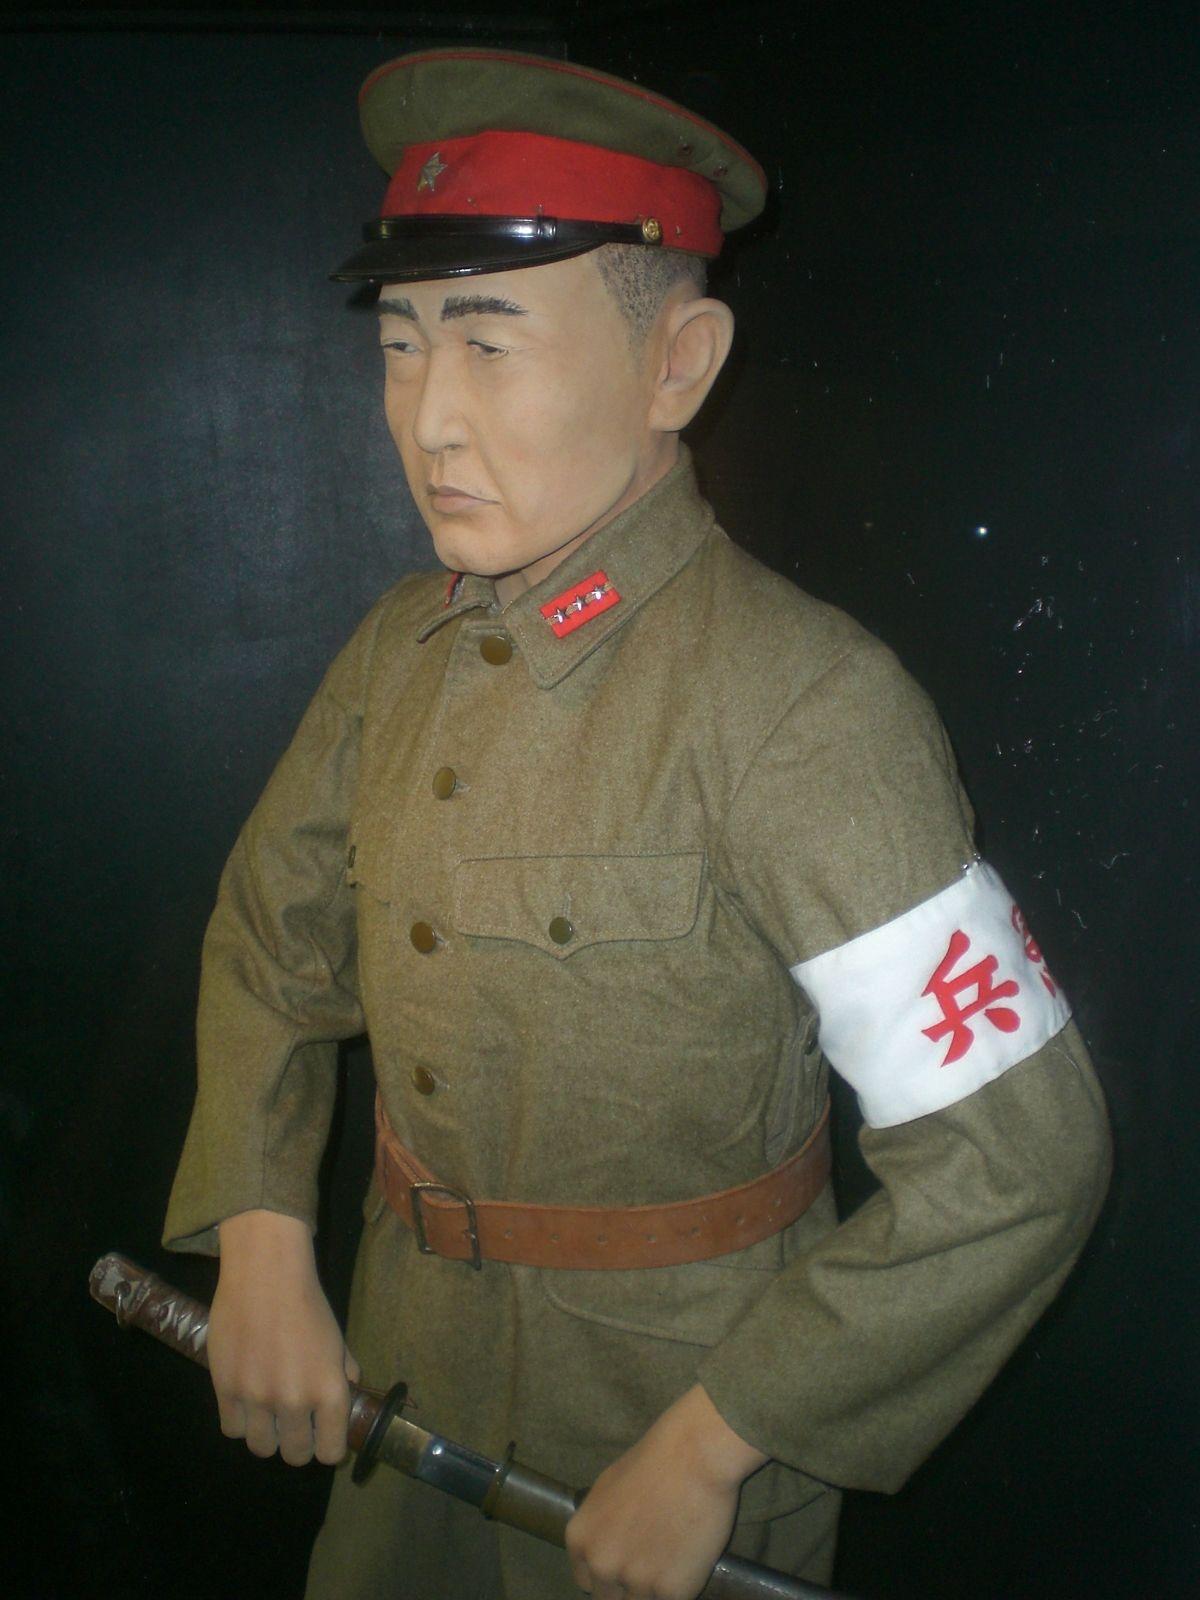 Mundur oficera Kempeitai, wystawiony w Muzeum Obrony Wybrzeża w Hongkongu (fot. Ahoiyin, lic. CC BY-SA 3.0).